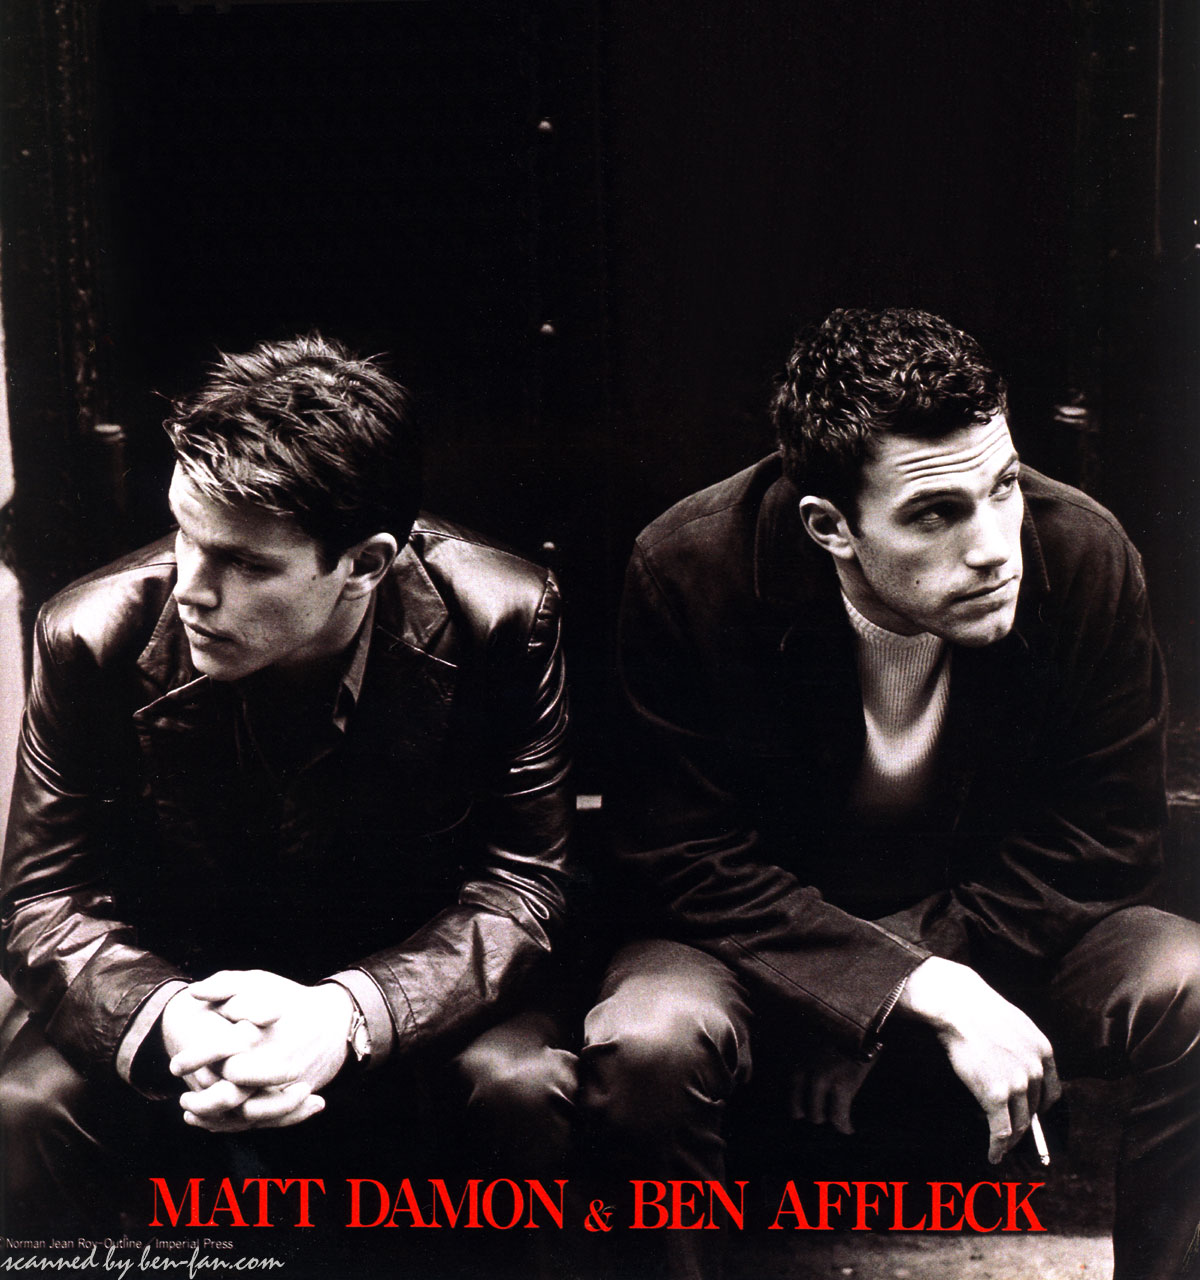 http://2.bp.blogspot.com/_ScaaxAjOUa8/TMckJtupiII/AAAAAAAAABE/WehXpKWOvkI/s1600/Matt-Damon-ben-affleck.jpg